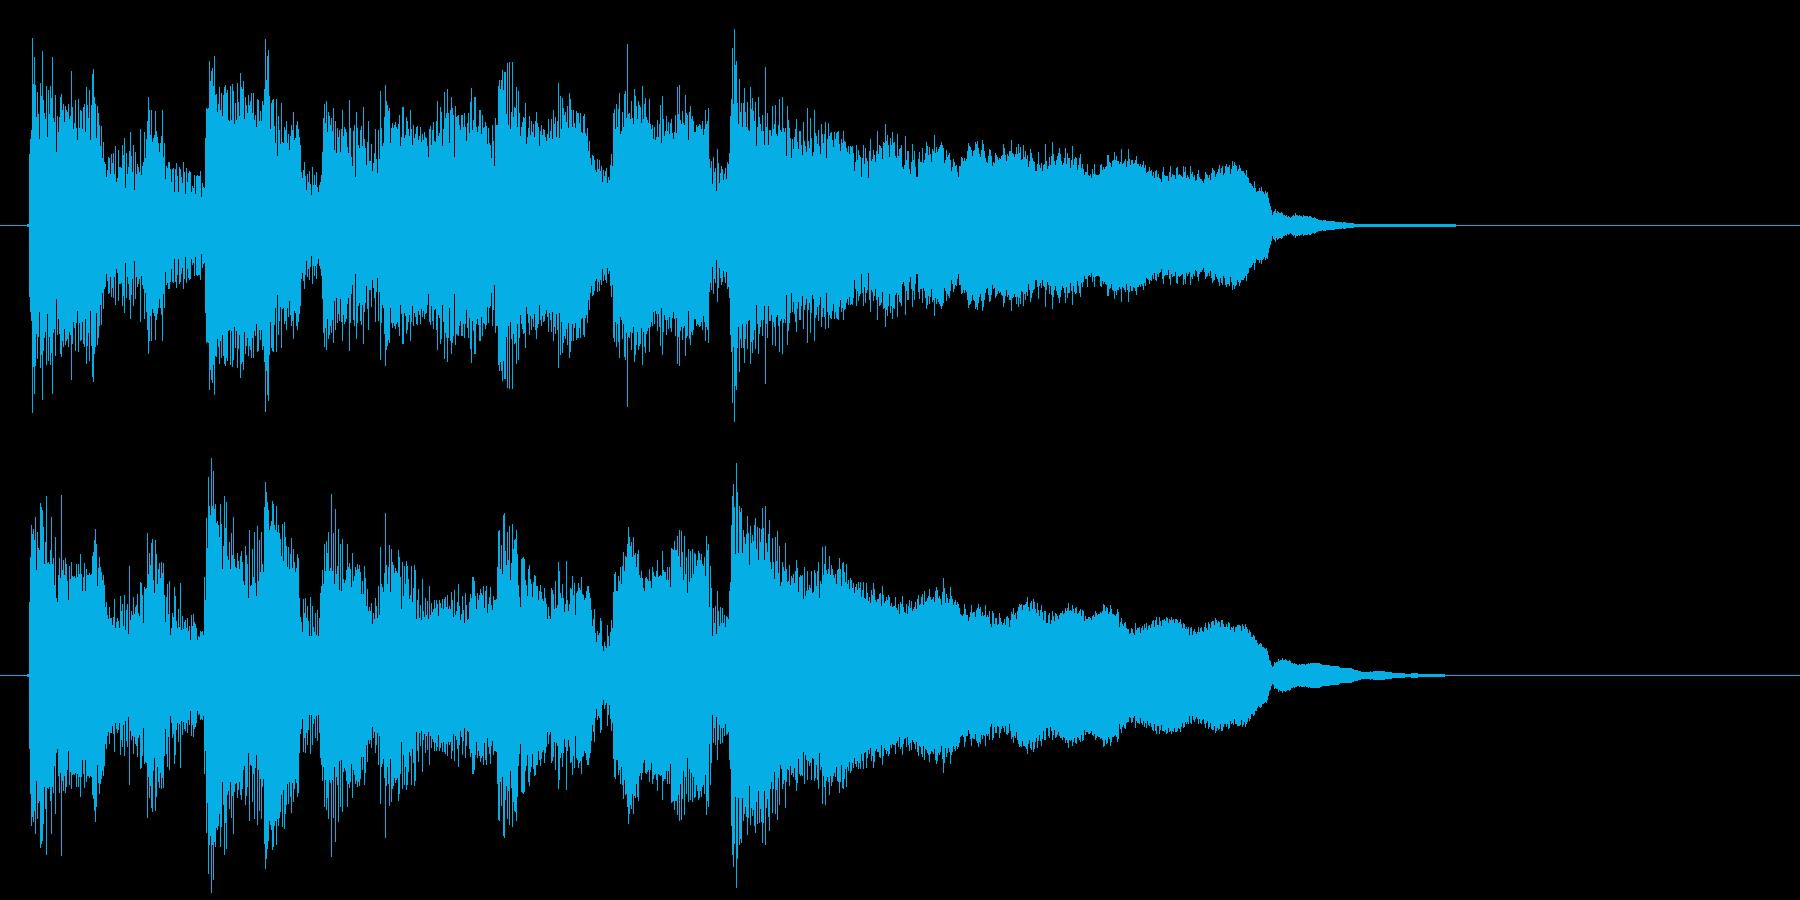 ポップで楽しい可愛いリコーダーのジングルの再生済みの波形